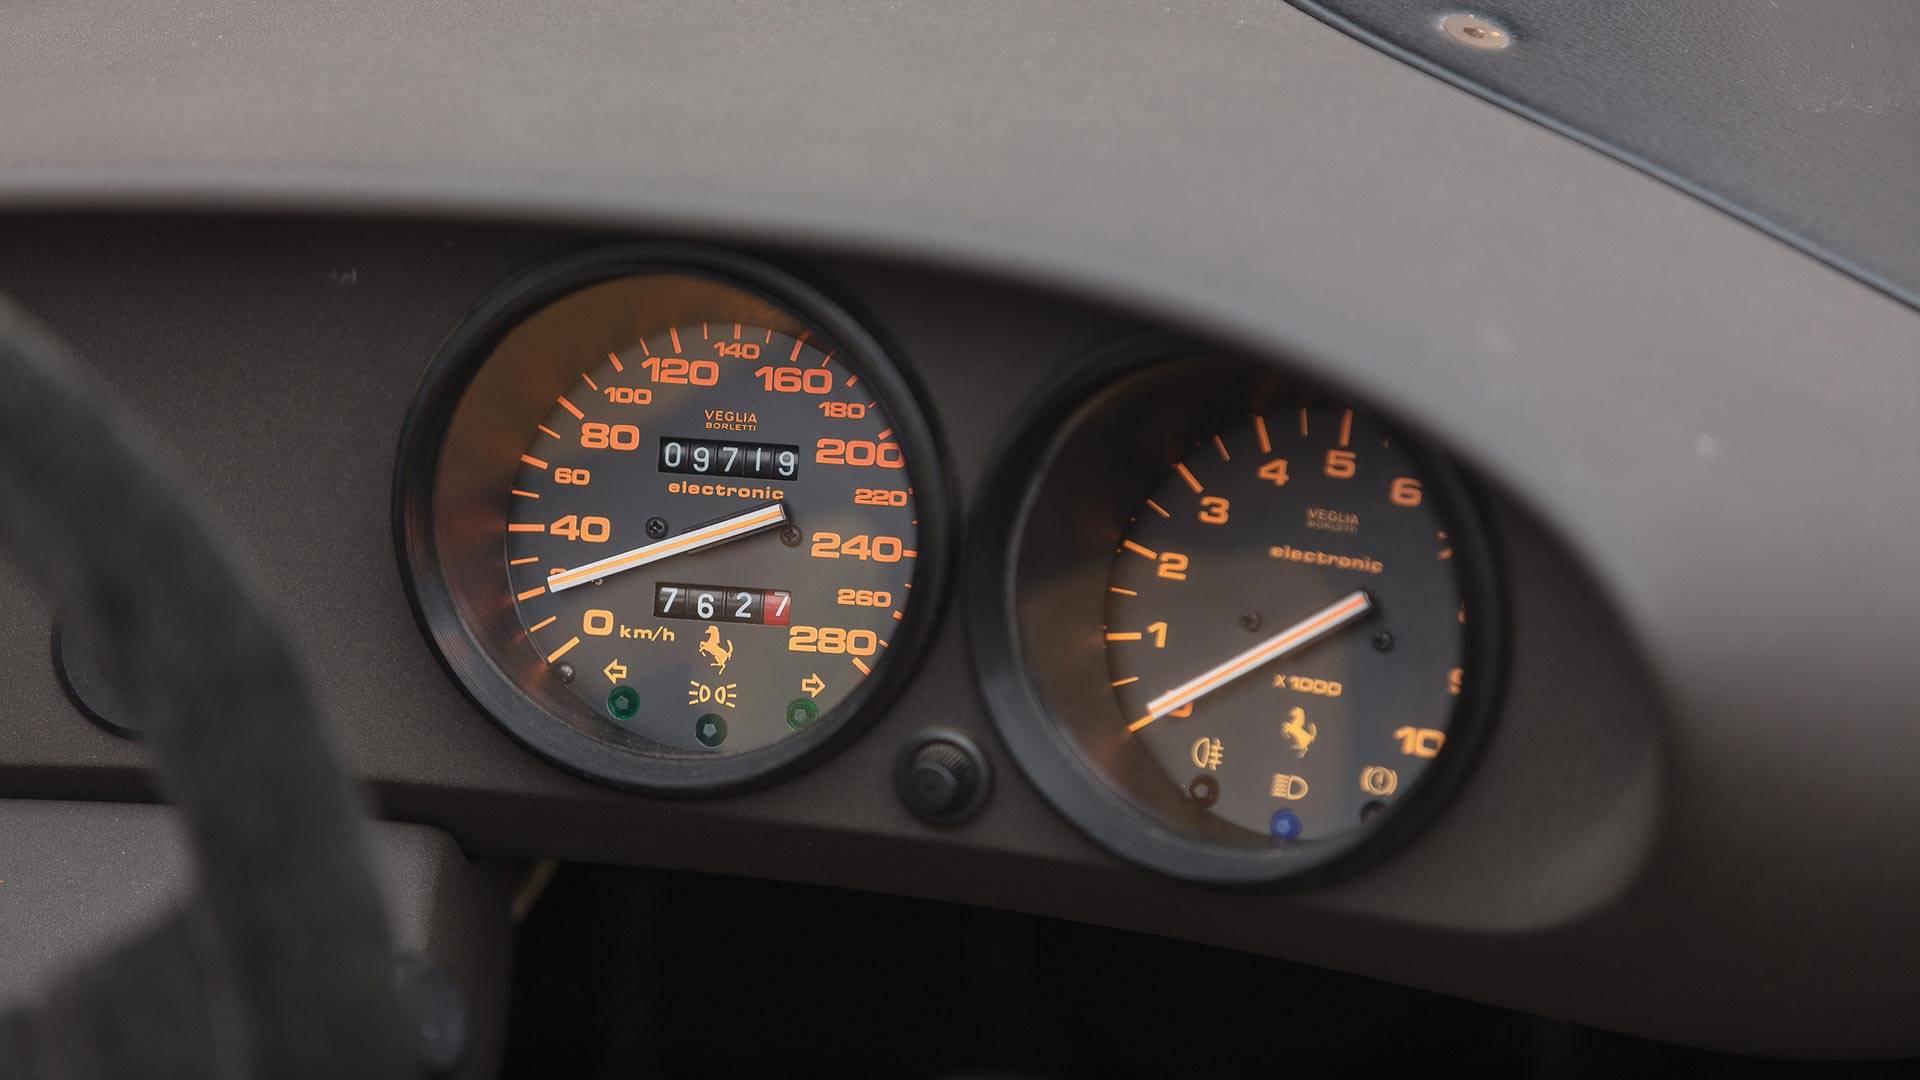 1989-ferrari-328-gts-conciso-concept-by-michalak (19)